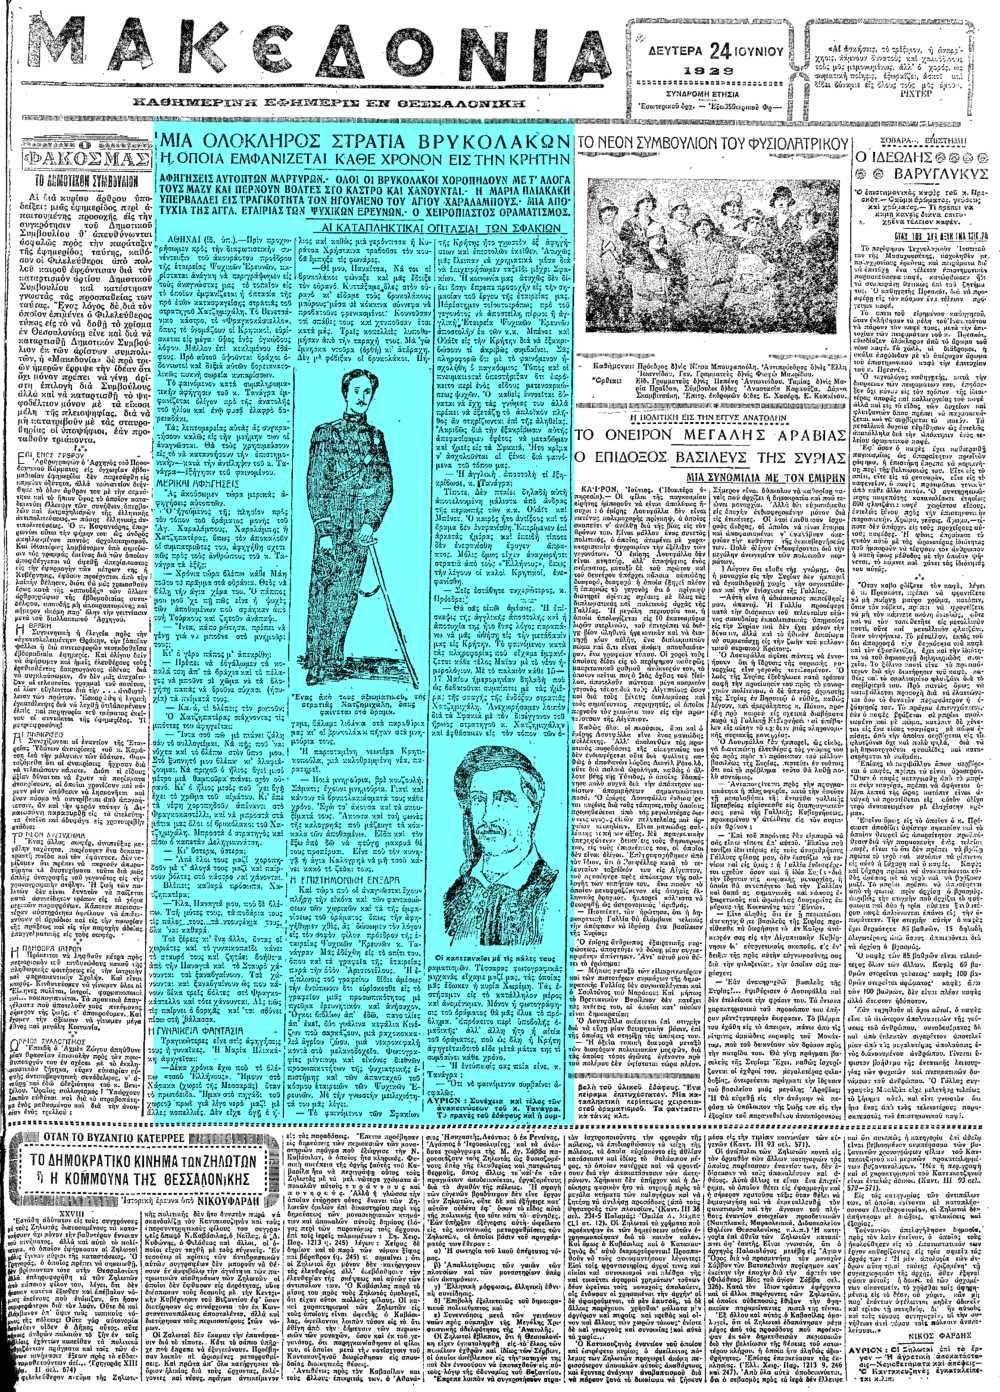 """Το άρθρο, όπως δημοσιεύθηκε στην εφημερίδα """"ΜΑΚΕΔΟΝΙΑ"""", στις 24/06/1929"""